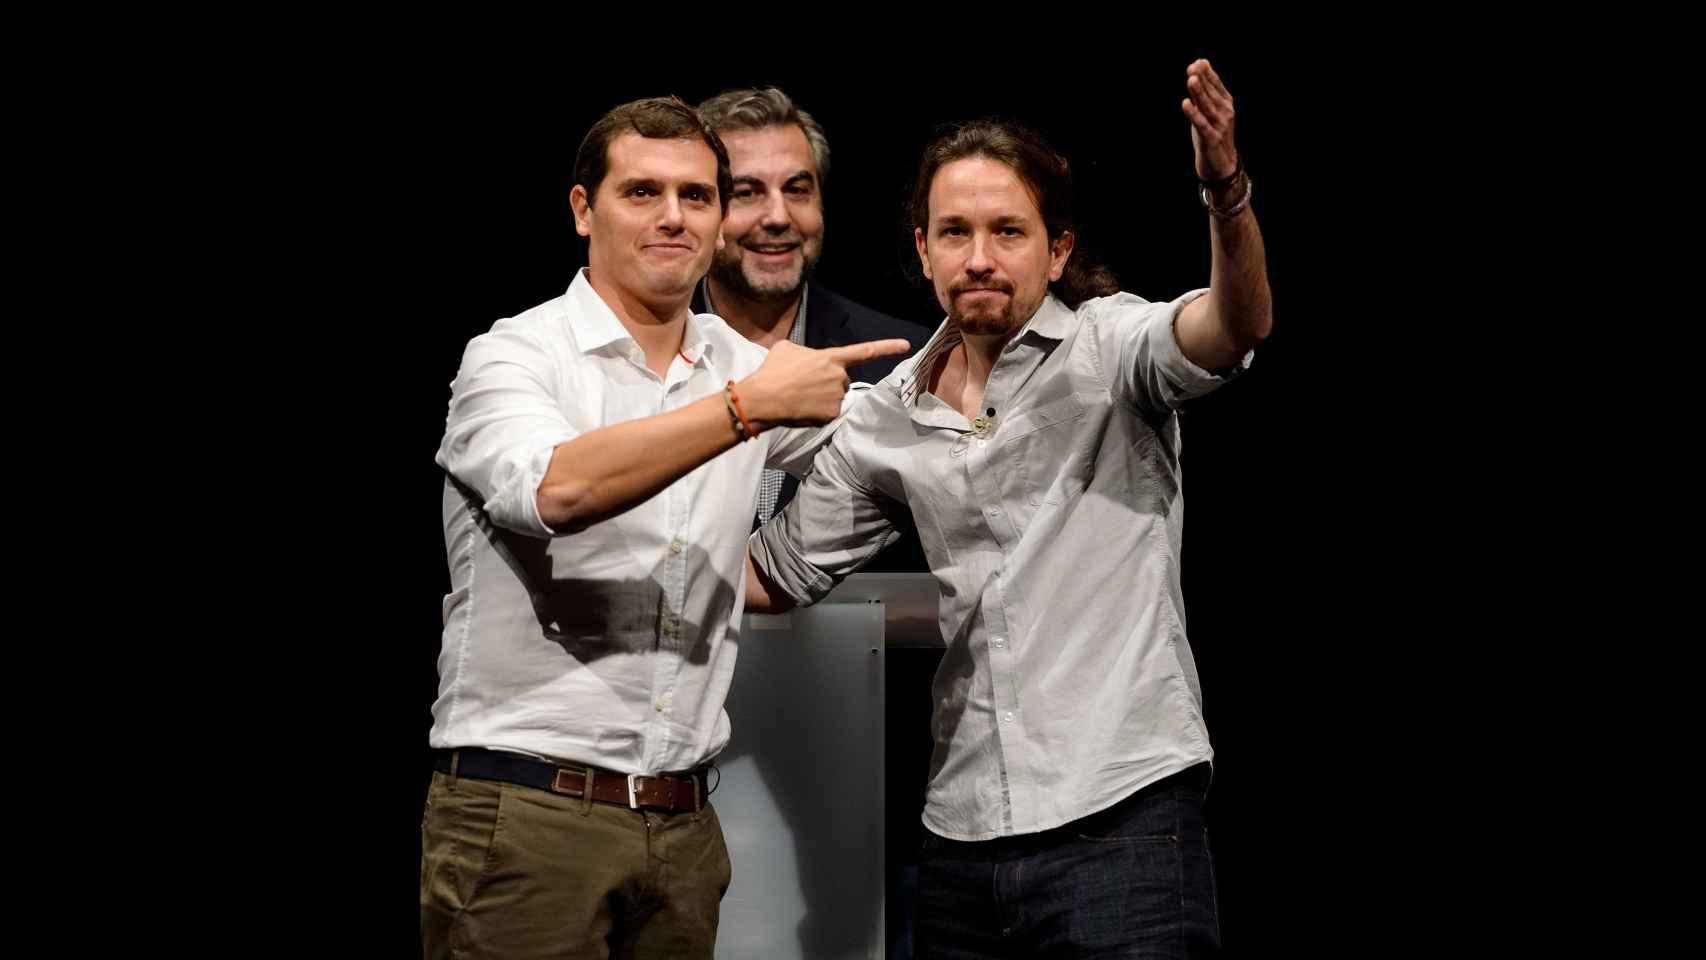 Rivera e Iglesias durante unl debate en la Universidad Carlos III de Madrid, junto a Carlos Alsina..